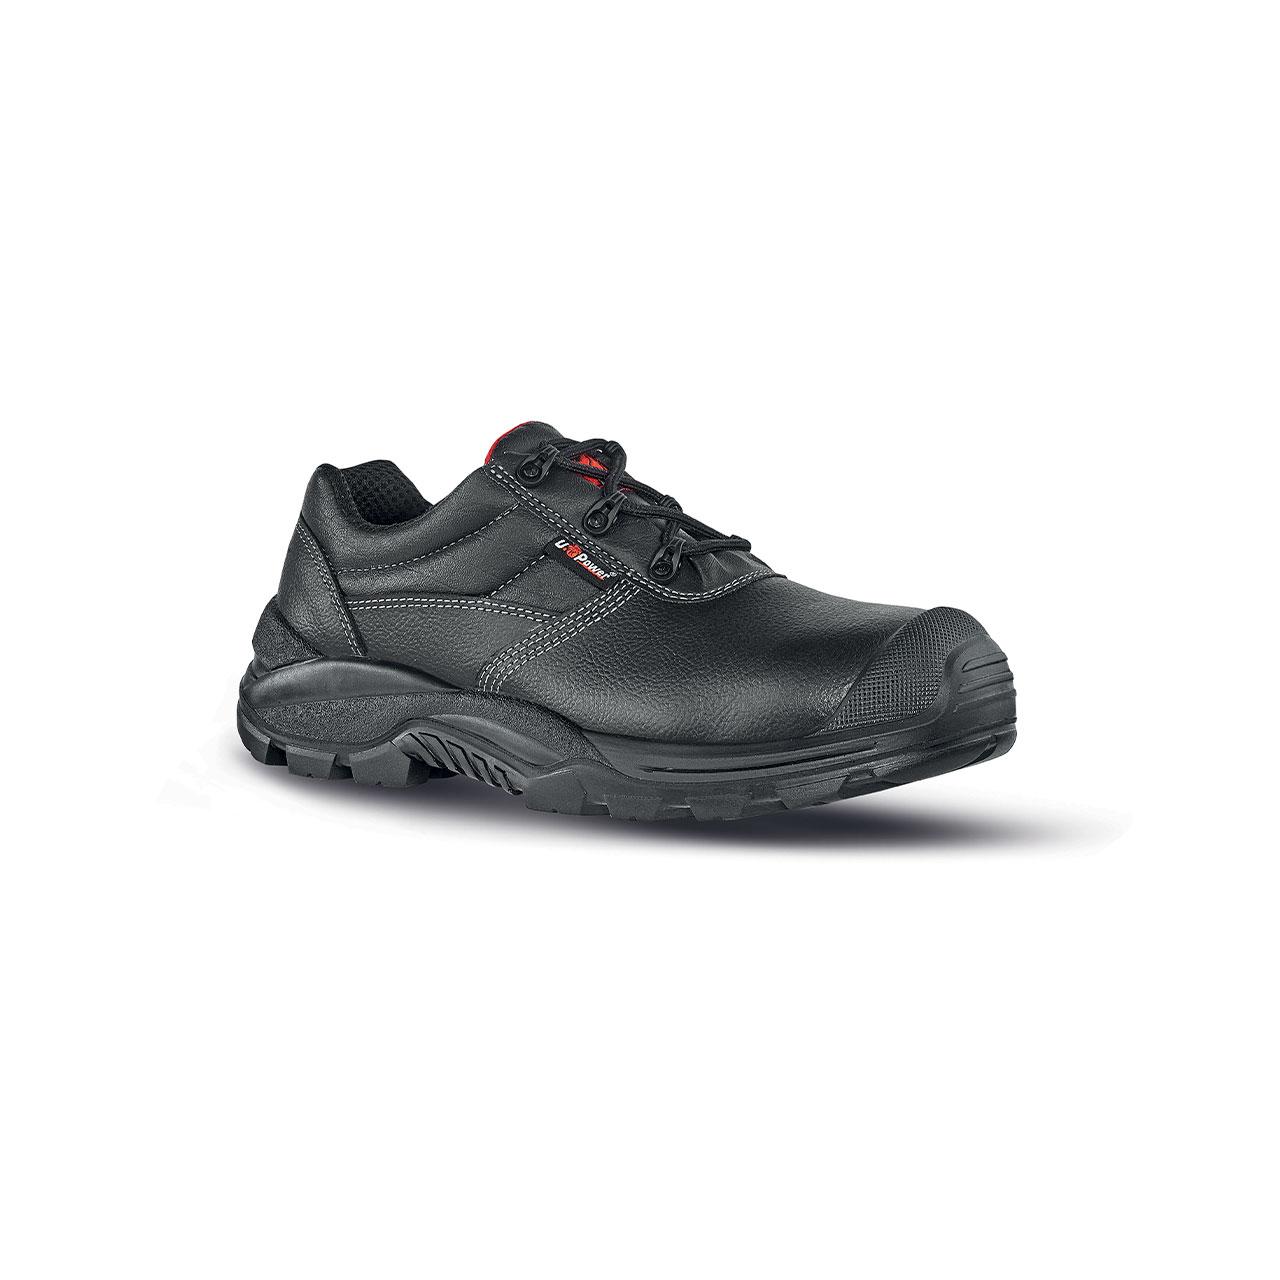 scarpa antinfortunistica upower modello arizona linea rock_roll vista laterale